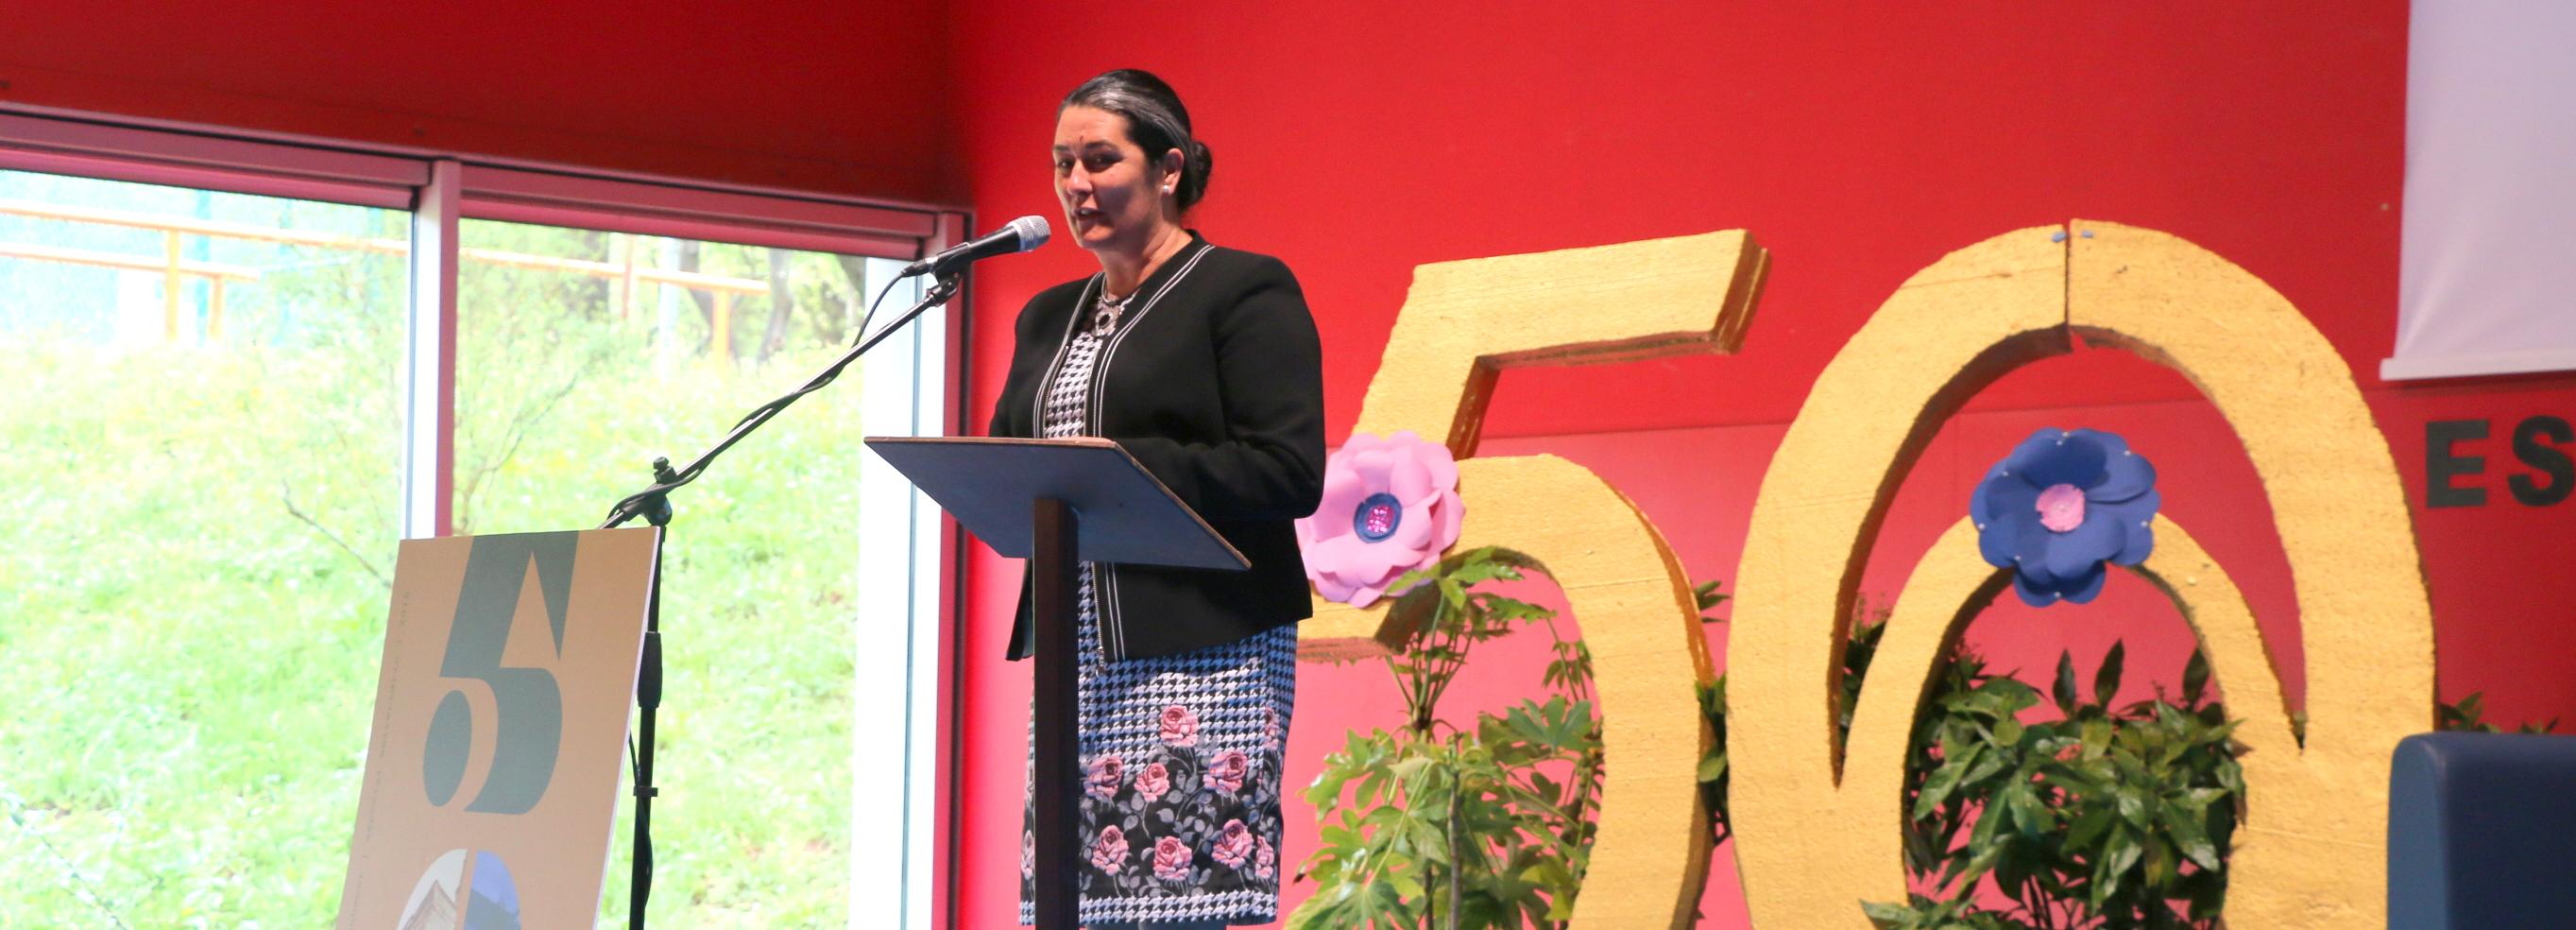 Escola Secundária de Barcelos celebrou 50 anos de existência